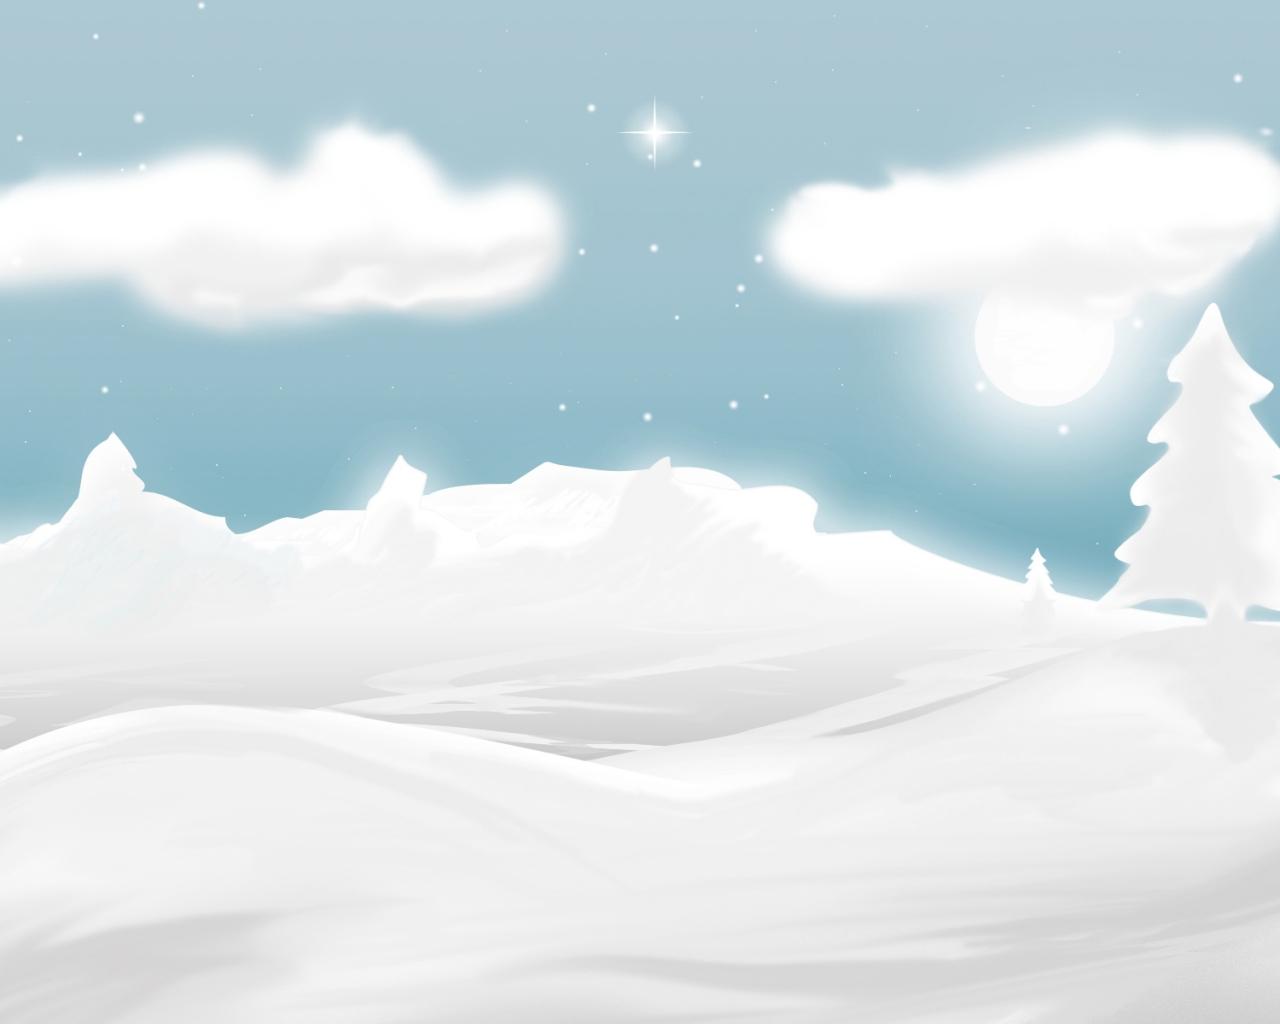 Dibujo de nieve y navidad - 1280x1024